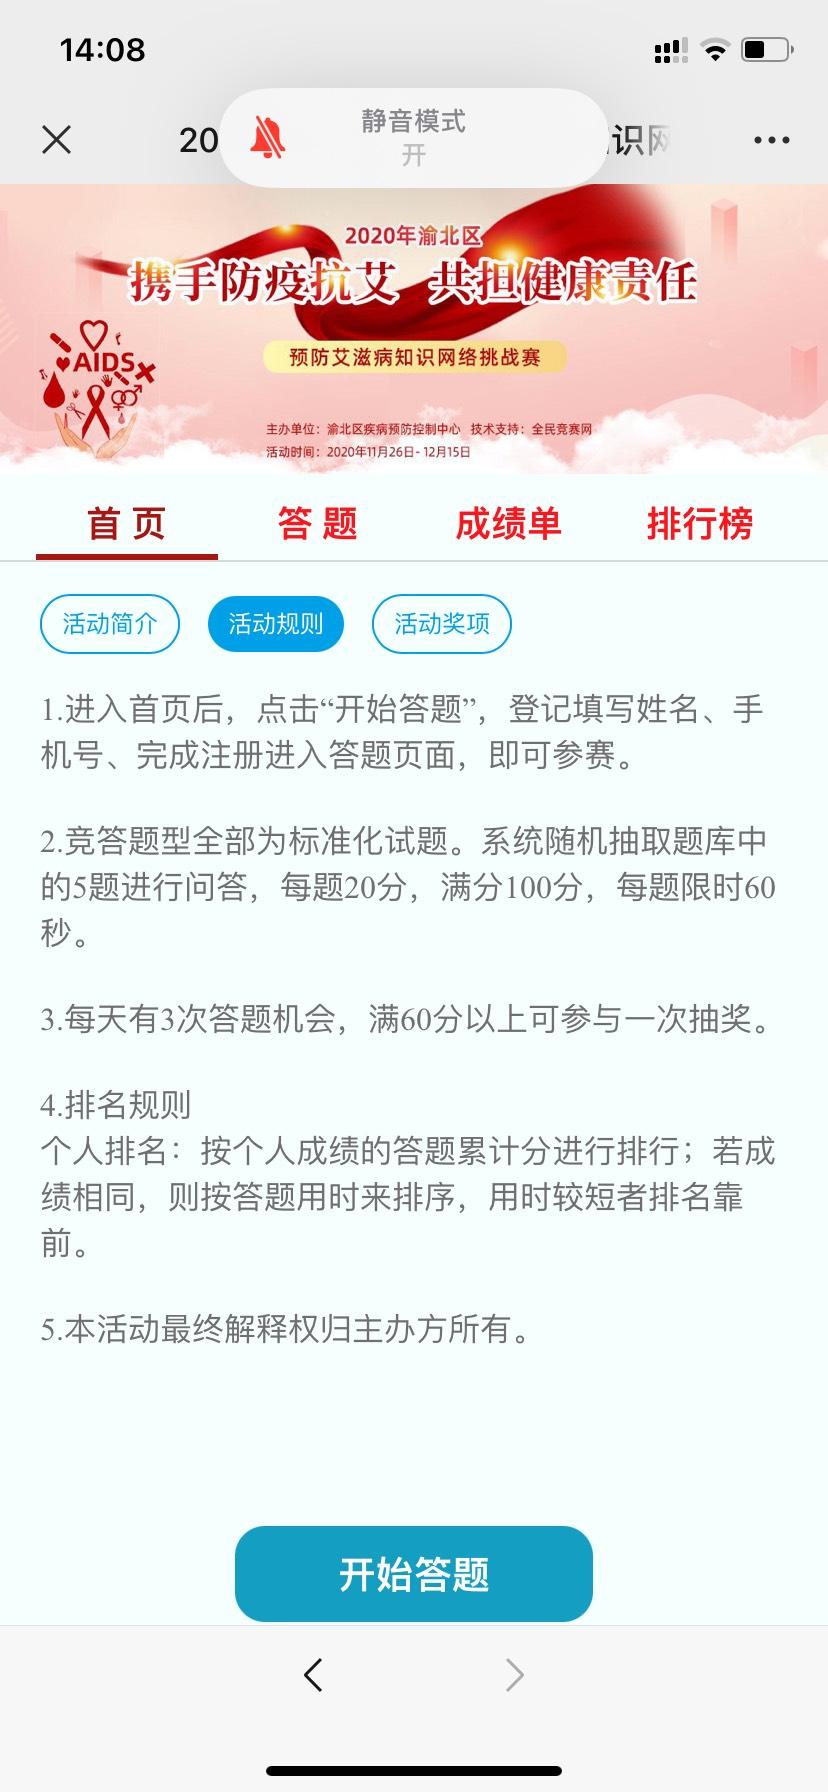 【现金红包】渝北疾控答题抽微信红包-聚合资源网